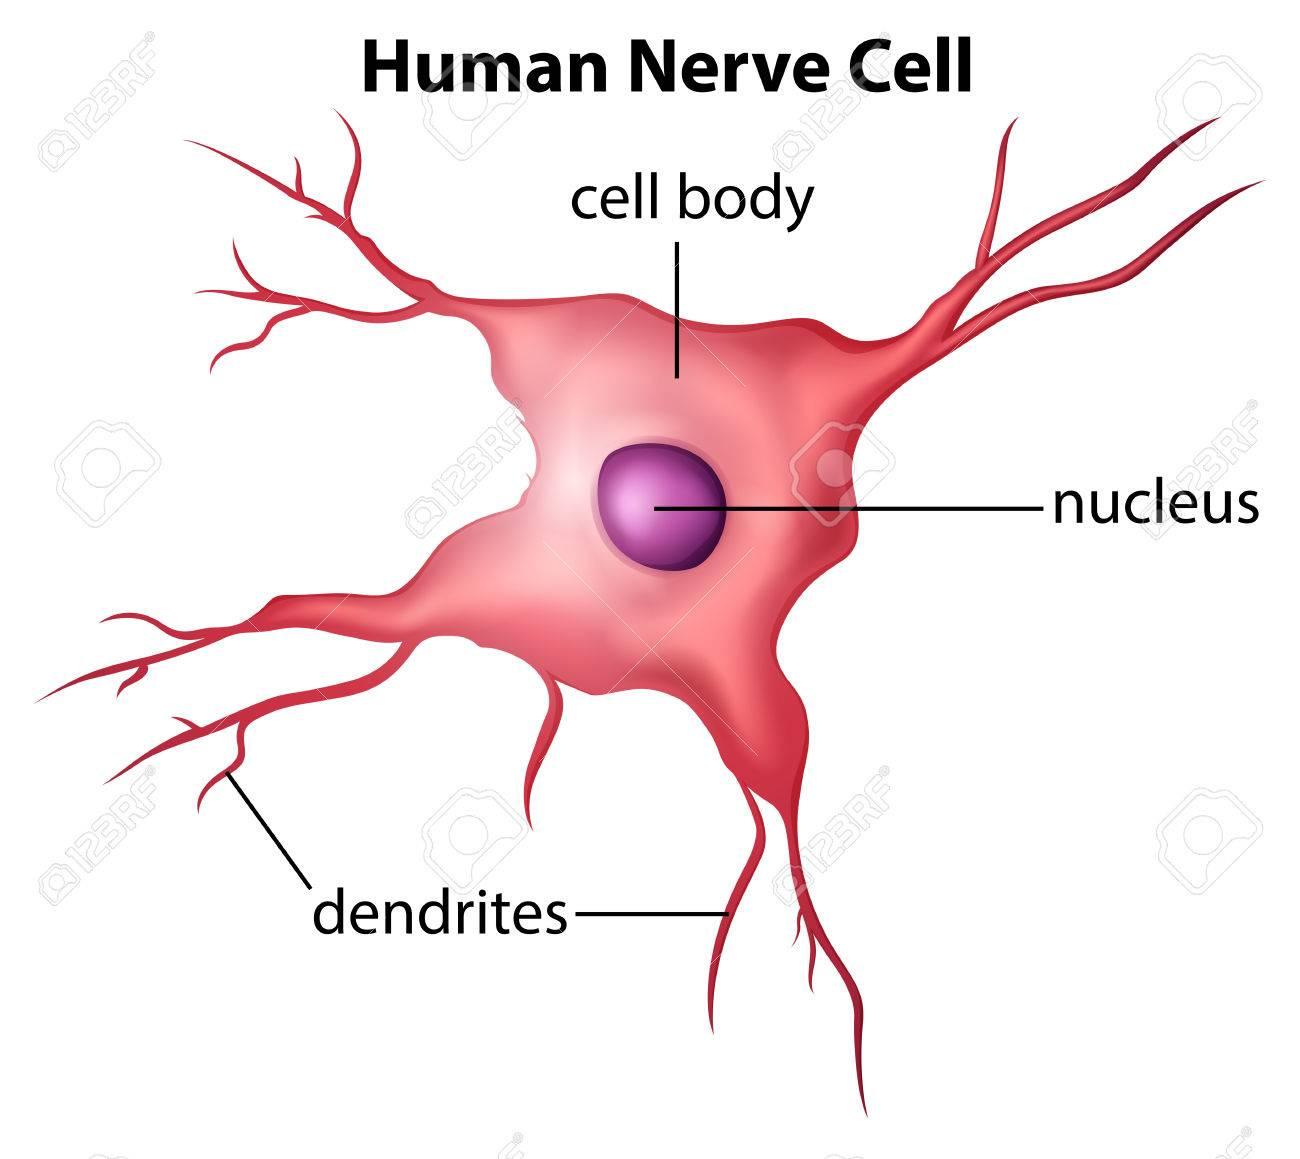 Ilustración De La Célula Nerviosa Humana Sobre Un Fondo Blanco ...